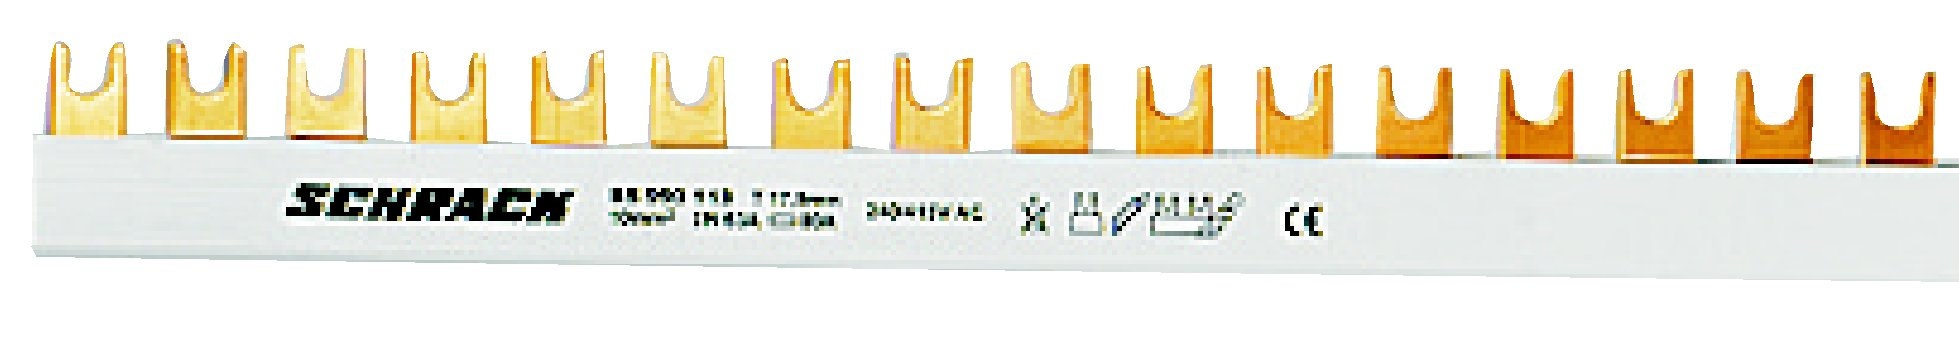 1 Stk Gabelverschienung 4-polig 16mm², L1/L2/L3/N, 1m lang BS990122--